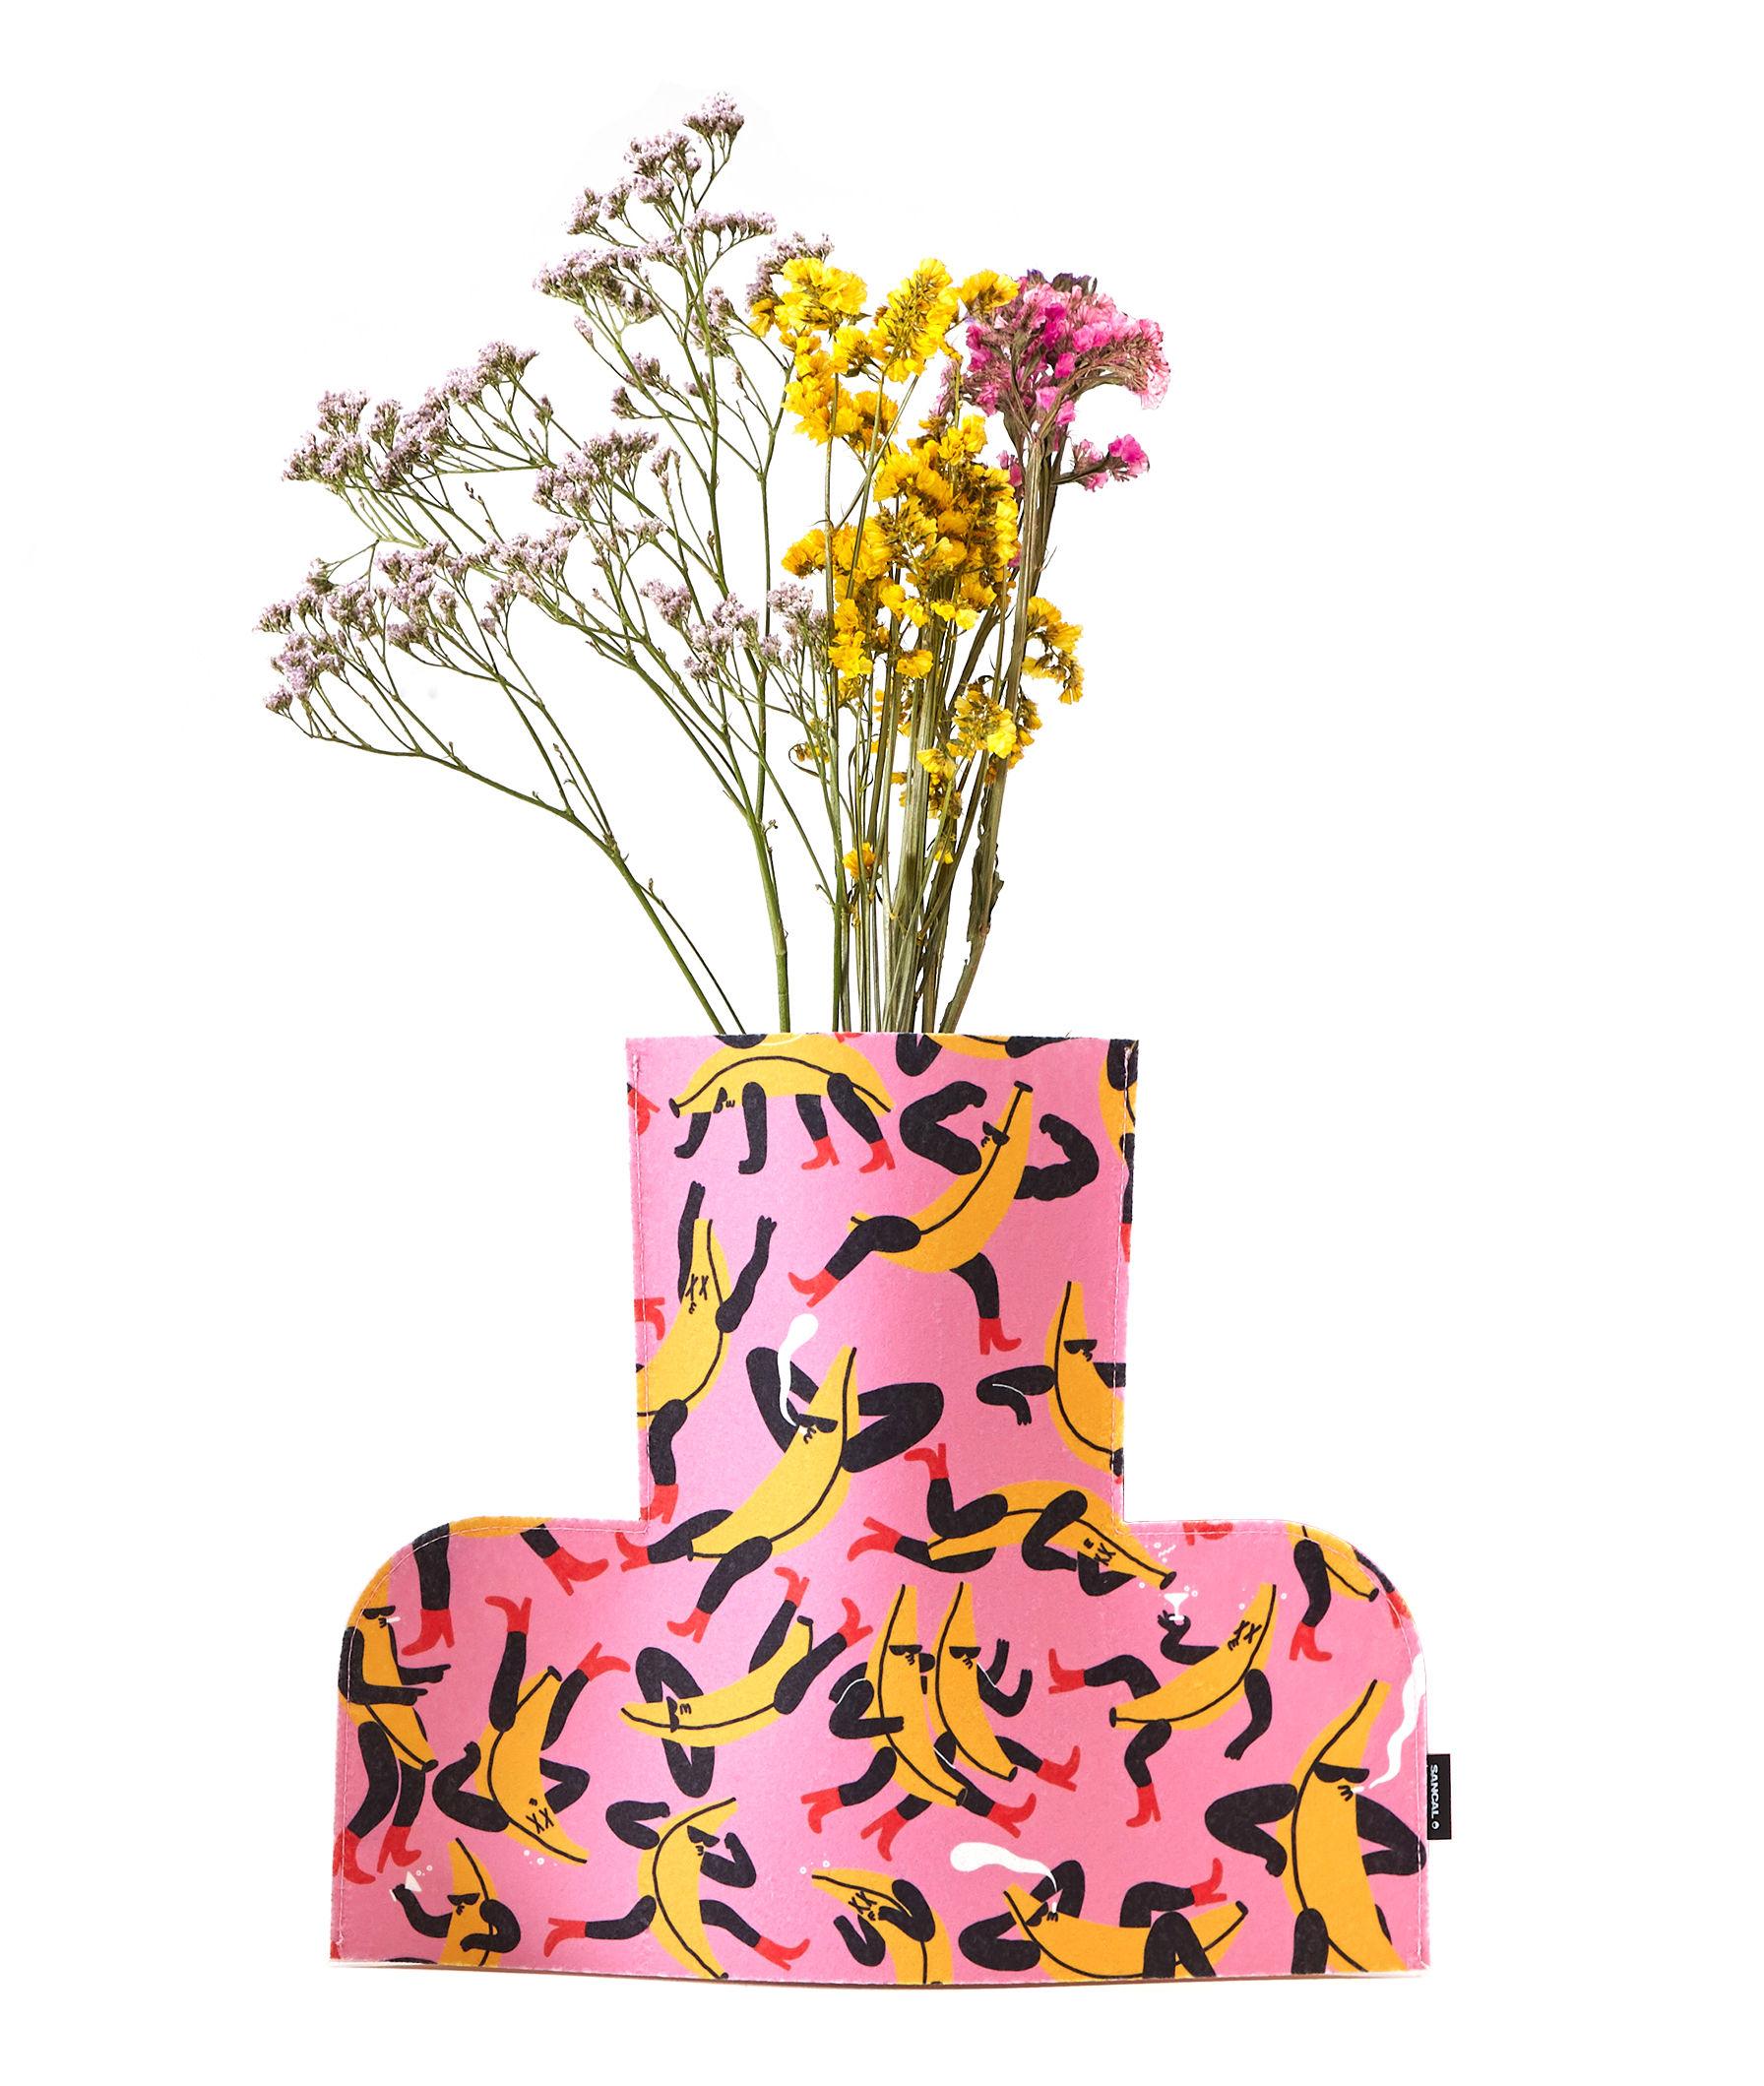 Déco - Vases - Housse pour vase Flower Power Large / H 35 cm - Feutre - Sancal - Banana Guys / Rose - Feutre